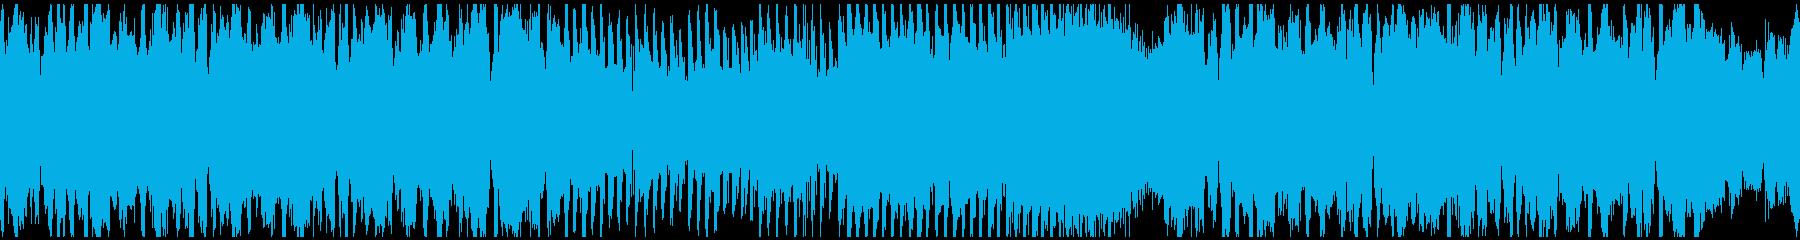 フューチャーベース+和楽器! ※ループ版の再生済みの波形